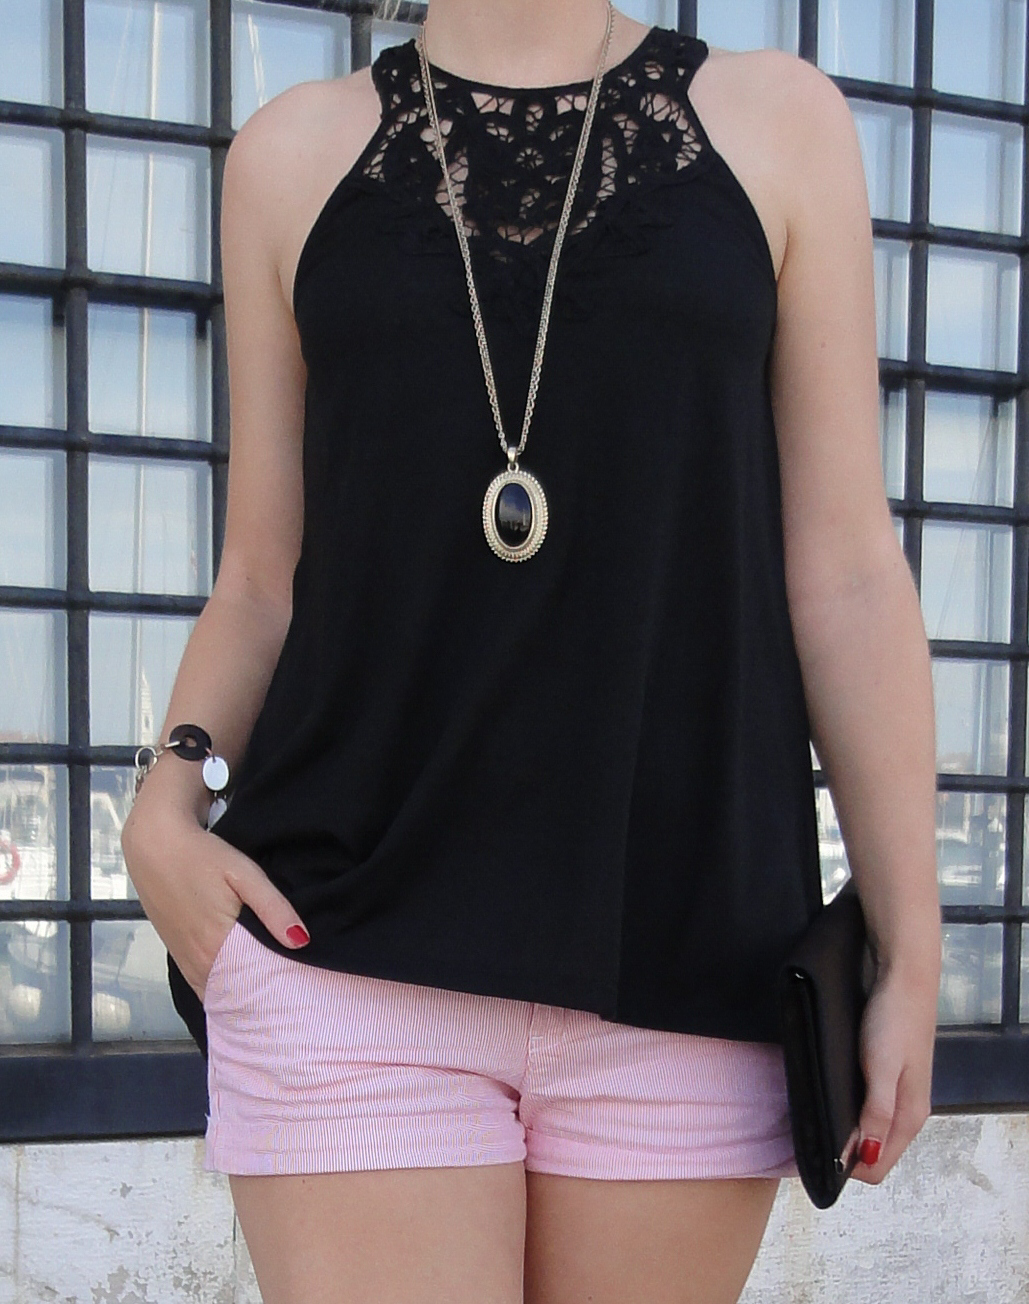 Venice seaside Venedig Sightseeing Outfit Sommeroutfit gestreifte Hotpants kombinieren Highheels Modeblog Italien 3